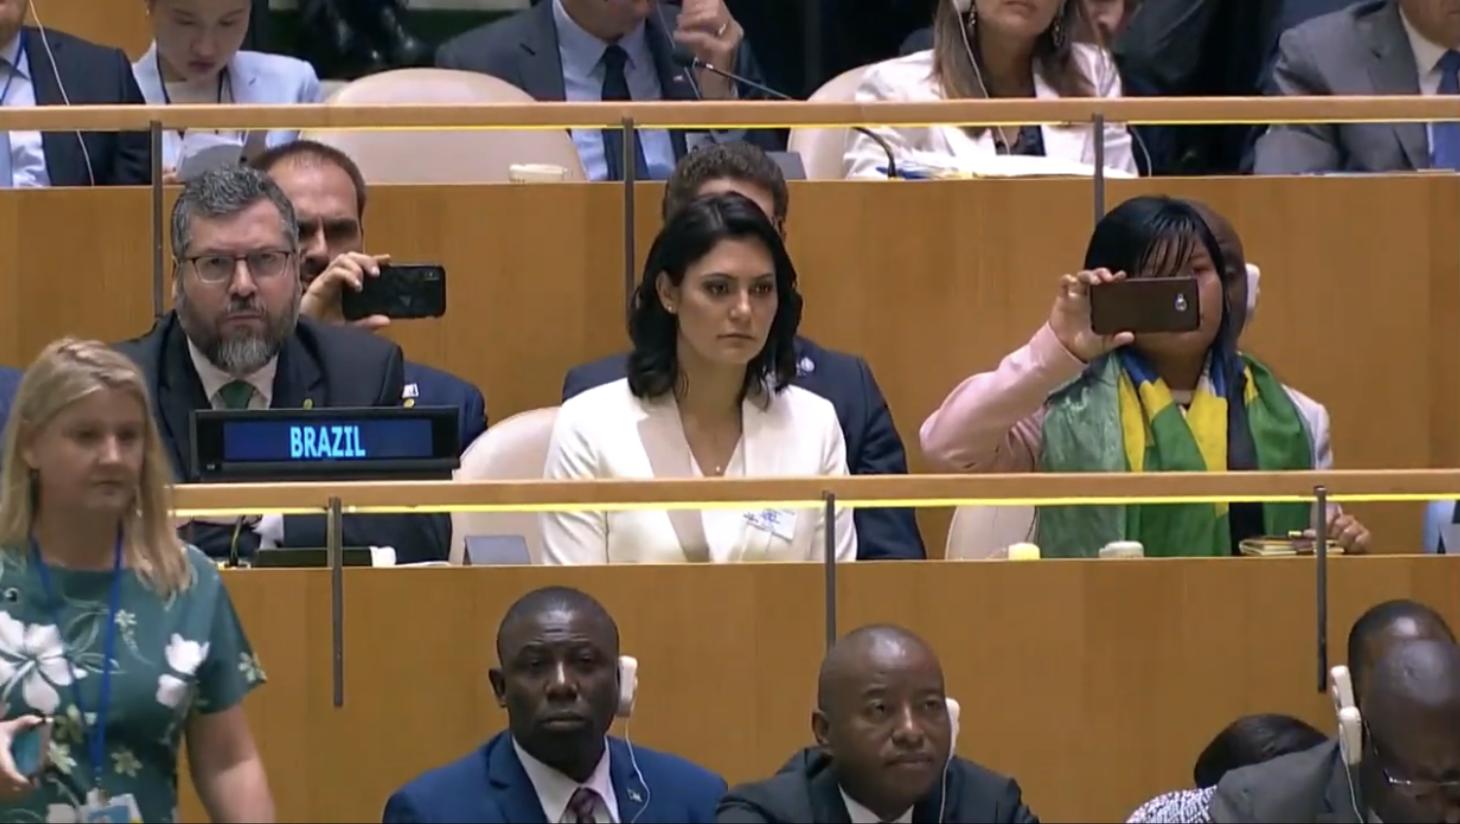 Bolsonaro diz na ONU que aprovará mineração em terras protegidas e usa youtuber para provocar racha entre indígenas brasileiros; íntegra